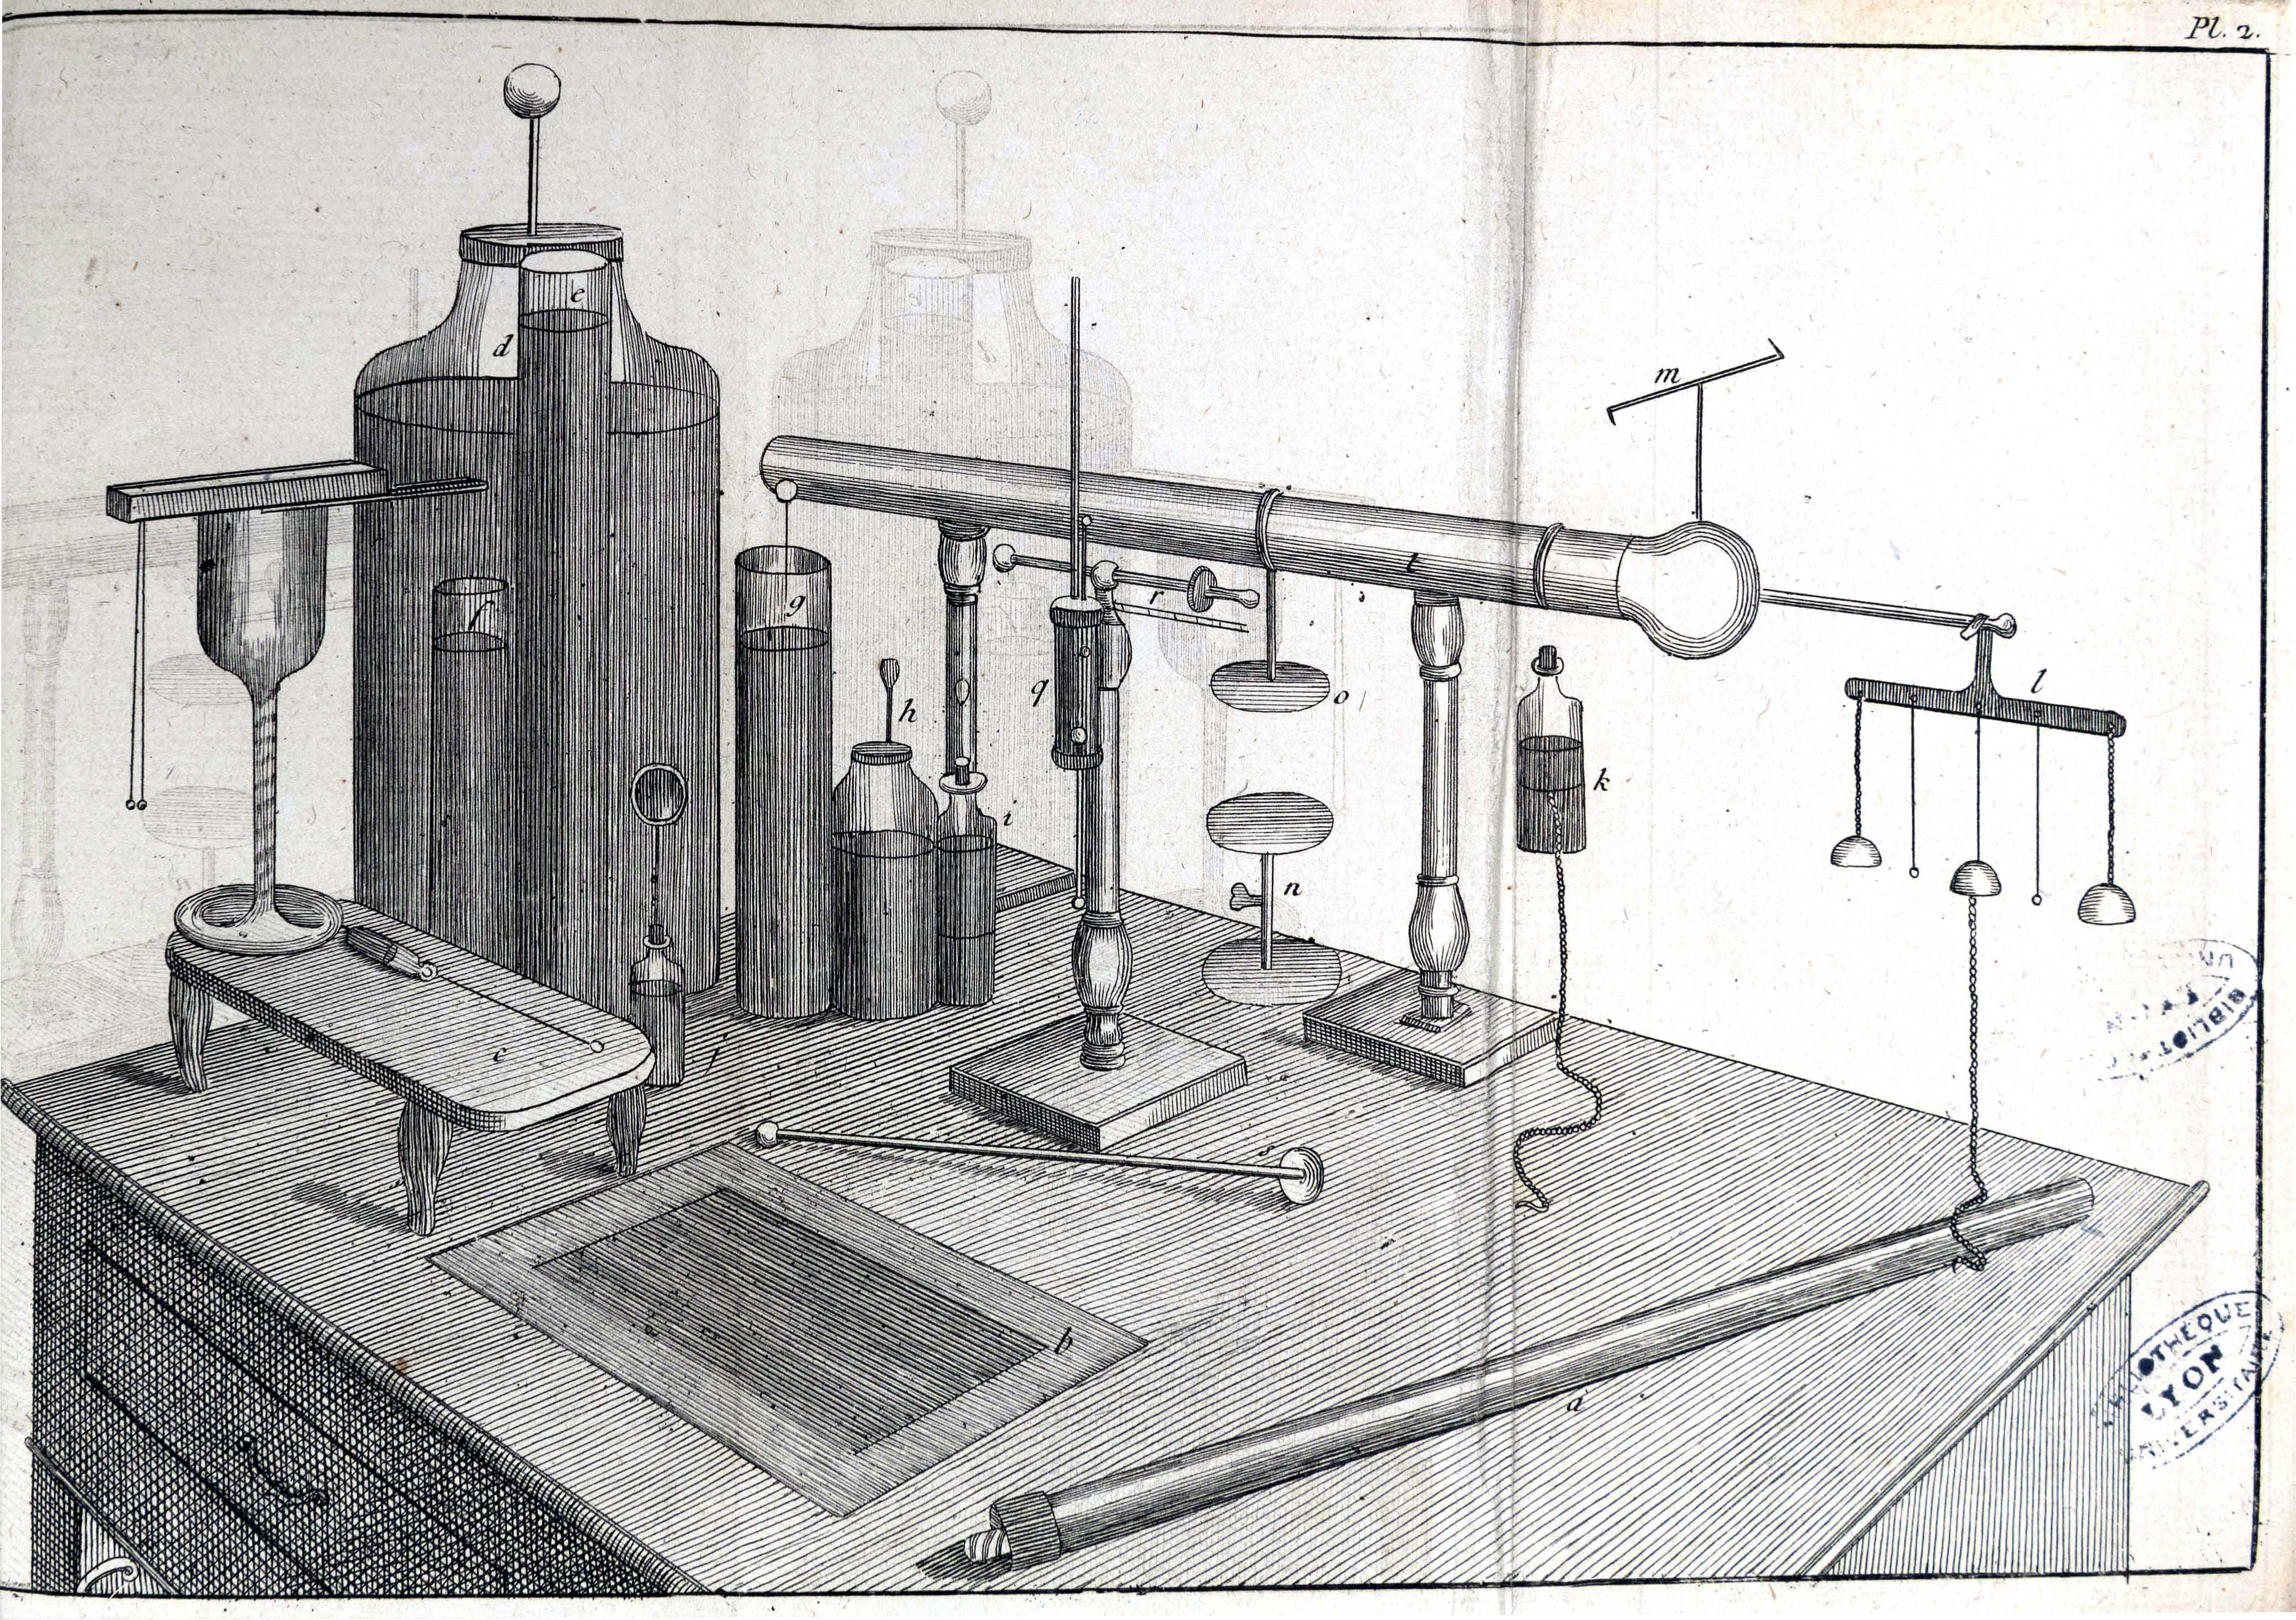 Histoire de l lectricit de joseph priestley interfaces livres anciens de - Bazar de l electricite paris ...